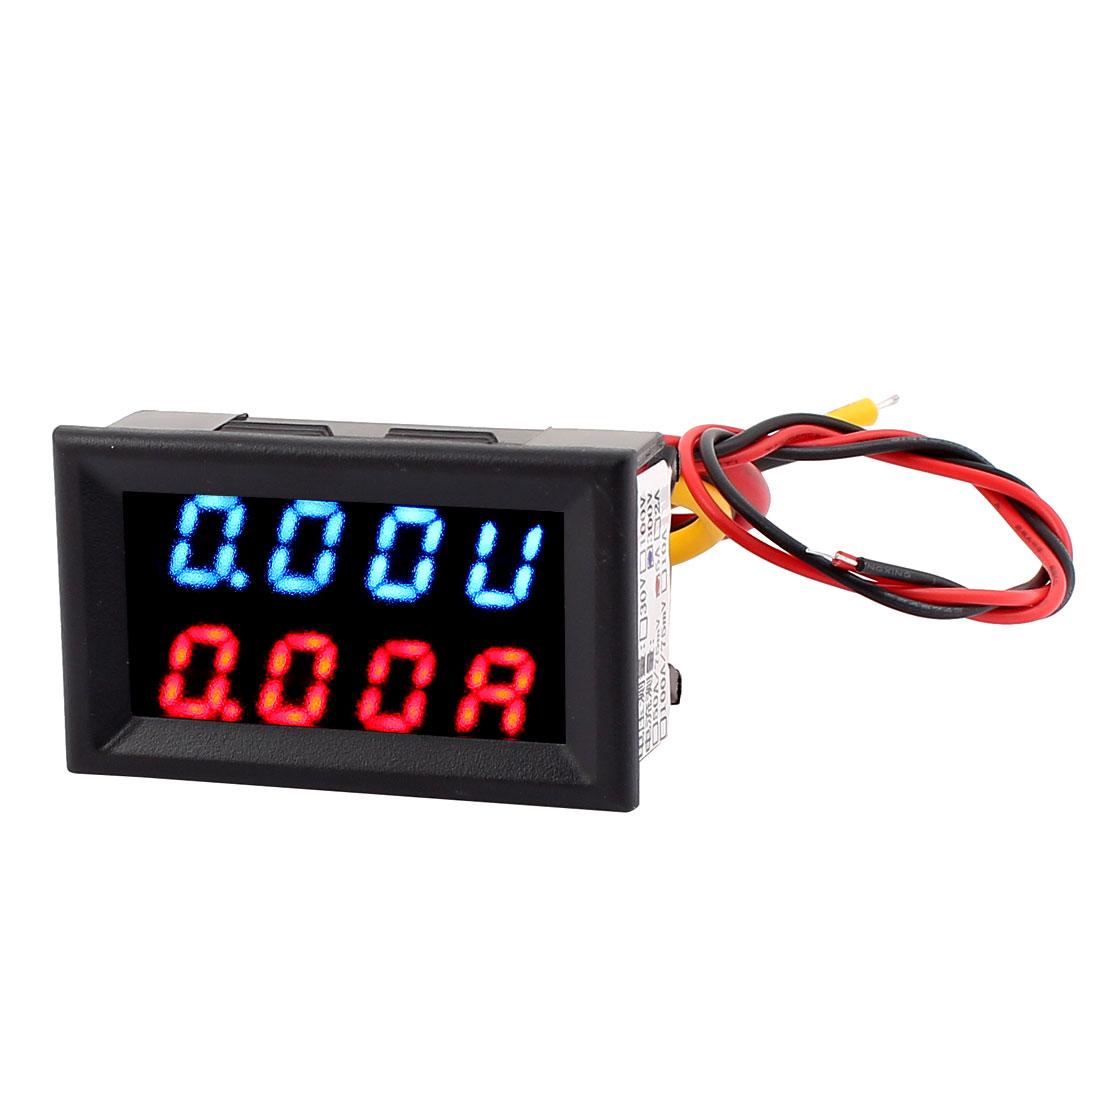 DC 0-300V 0-5A Blue Red LED Dual Digital Panel Voltmeter Ammeter Meter New